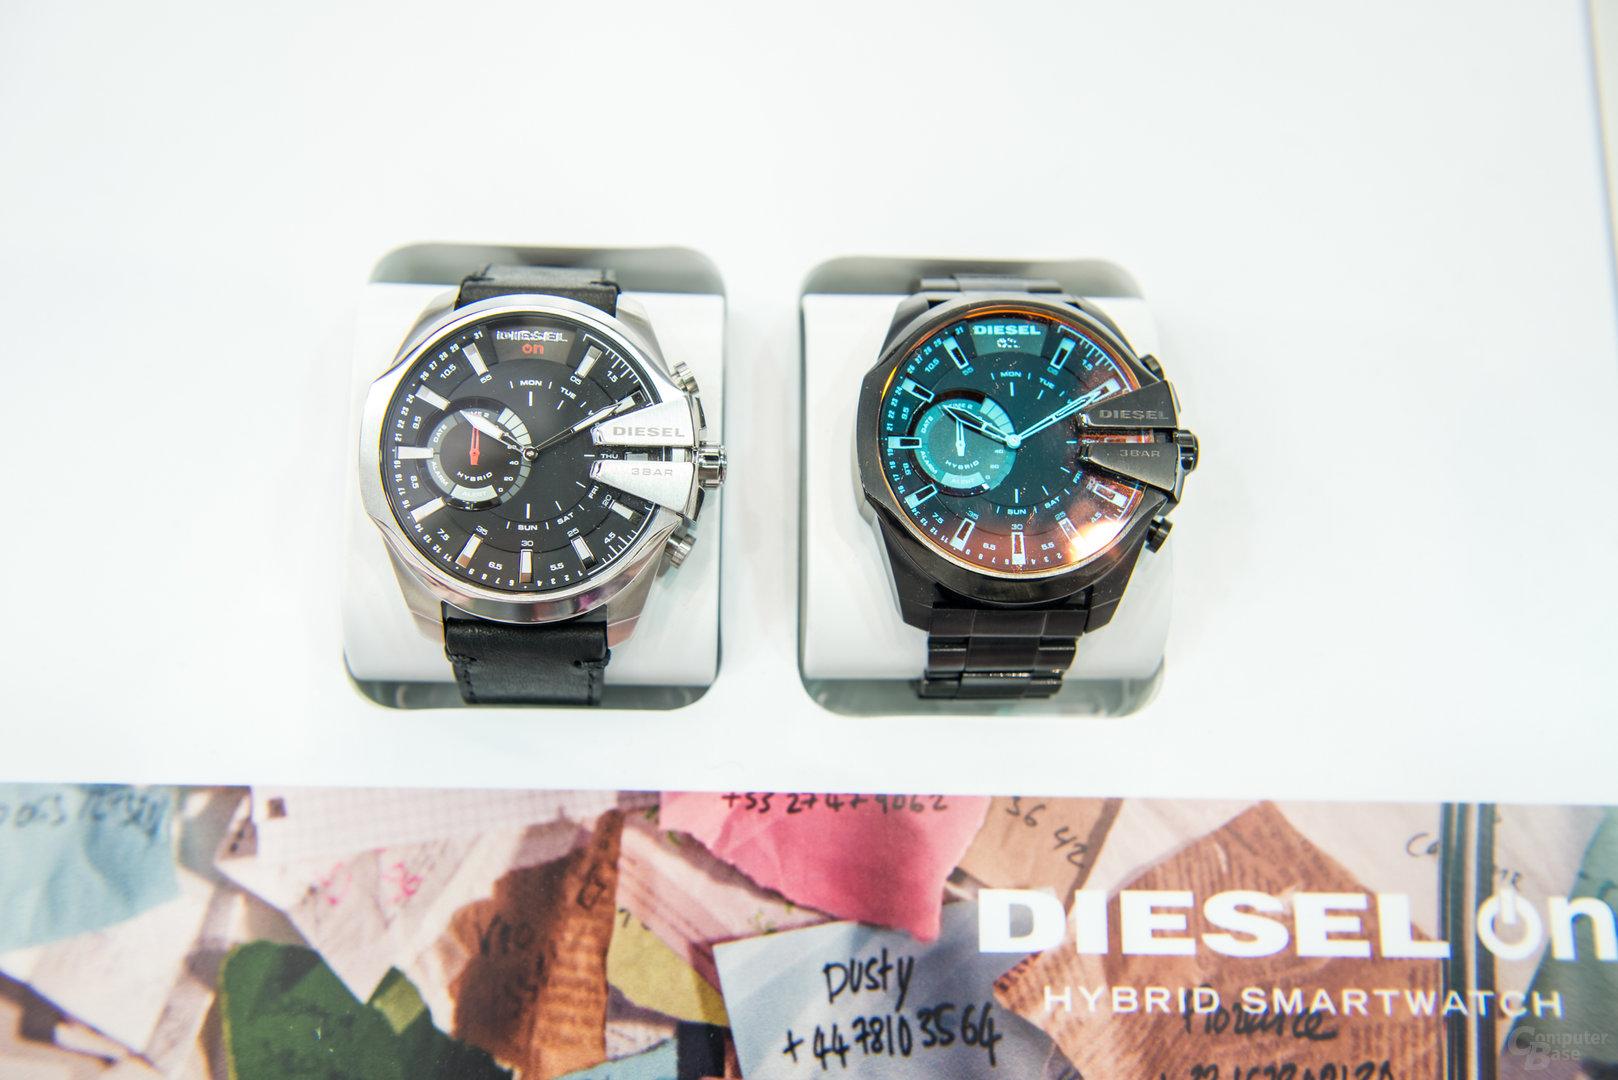 Hybride Smartwatches von Diesel